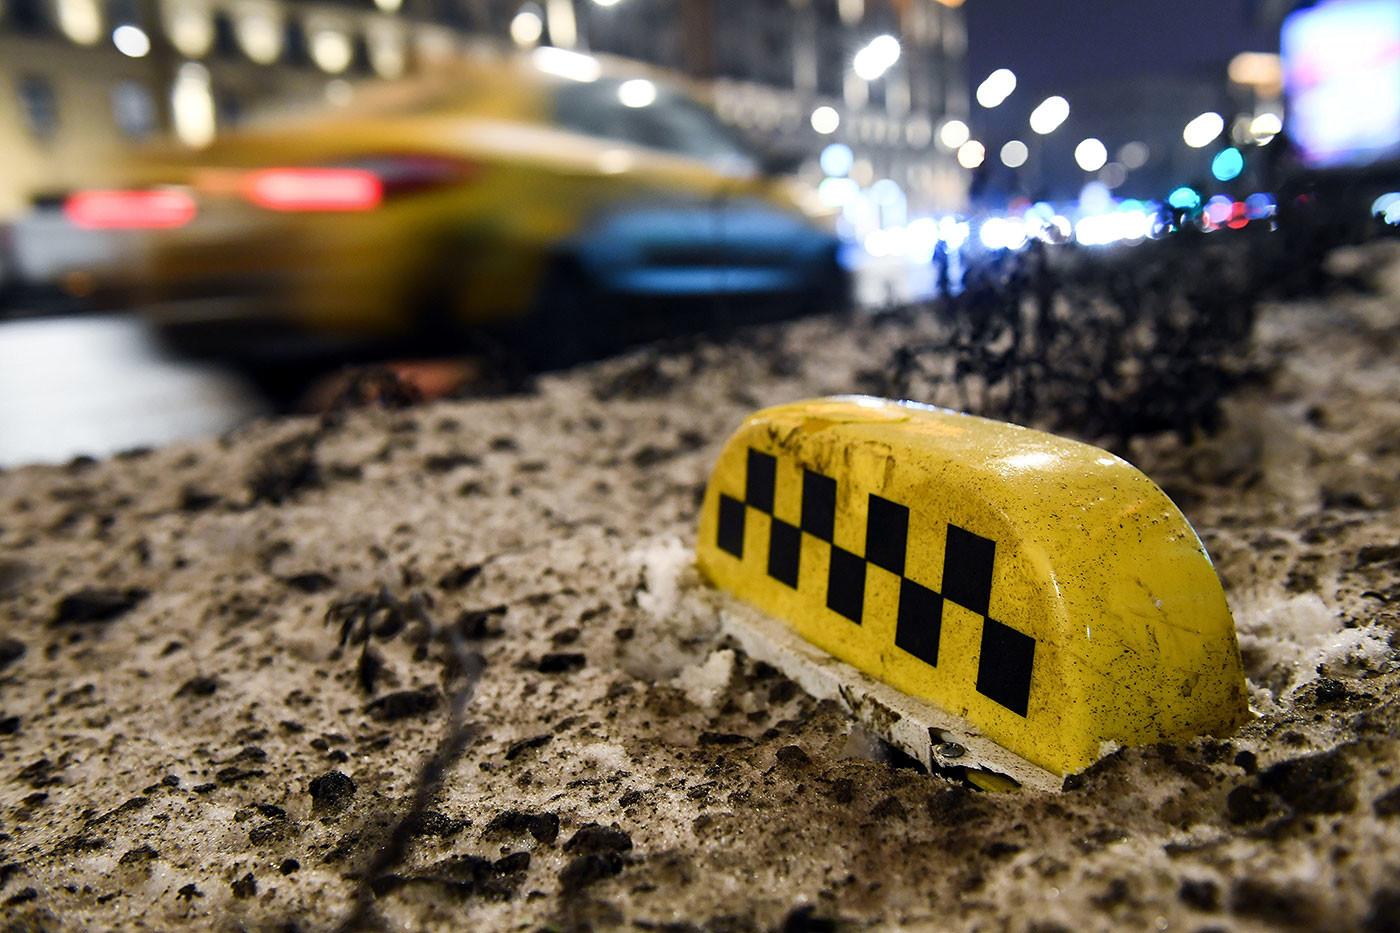 нелегальное такси картинка изображает талькова ступенях